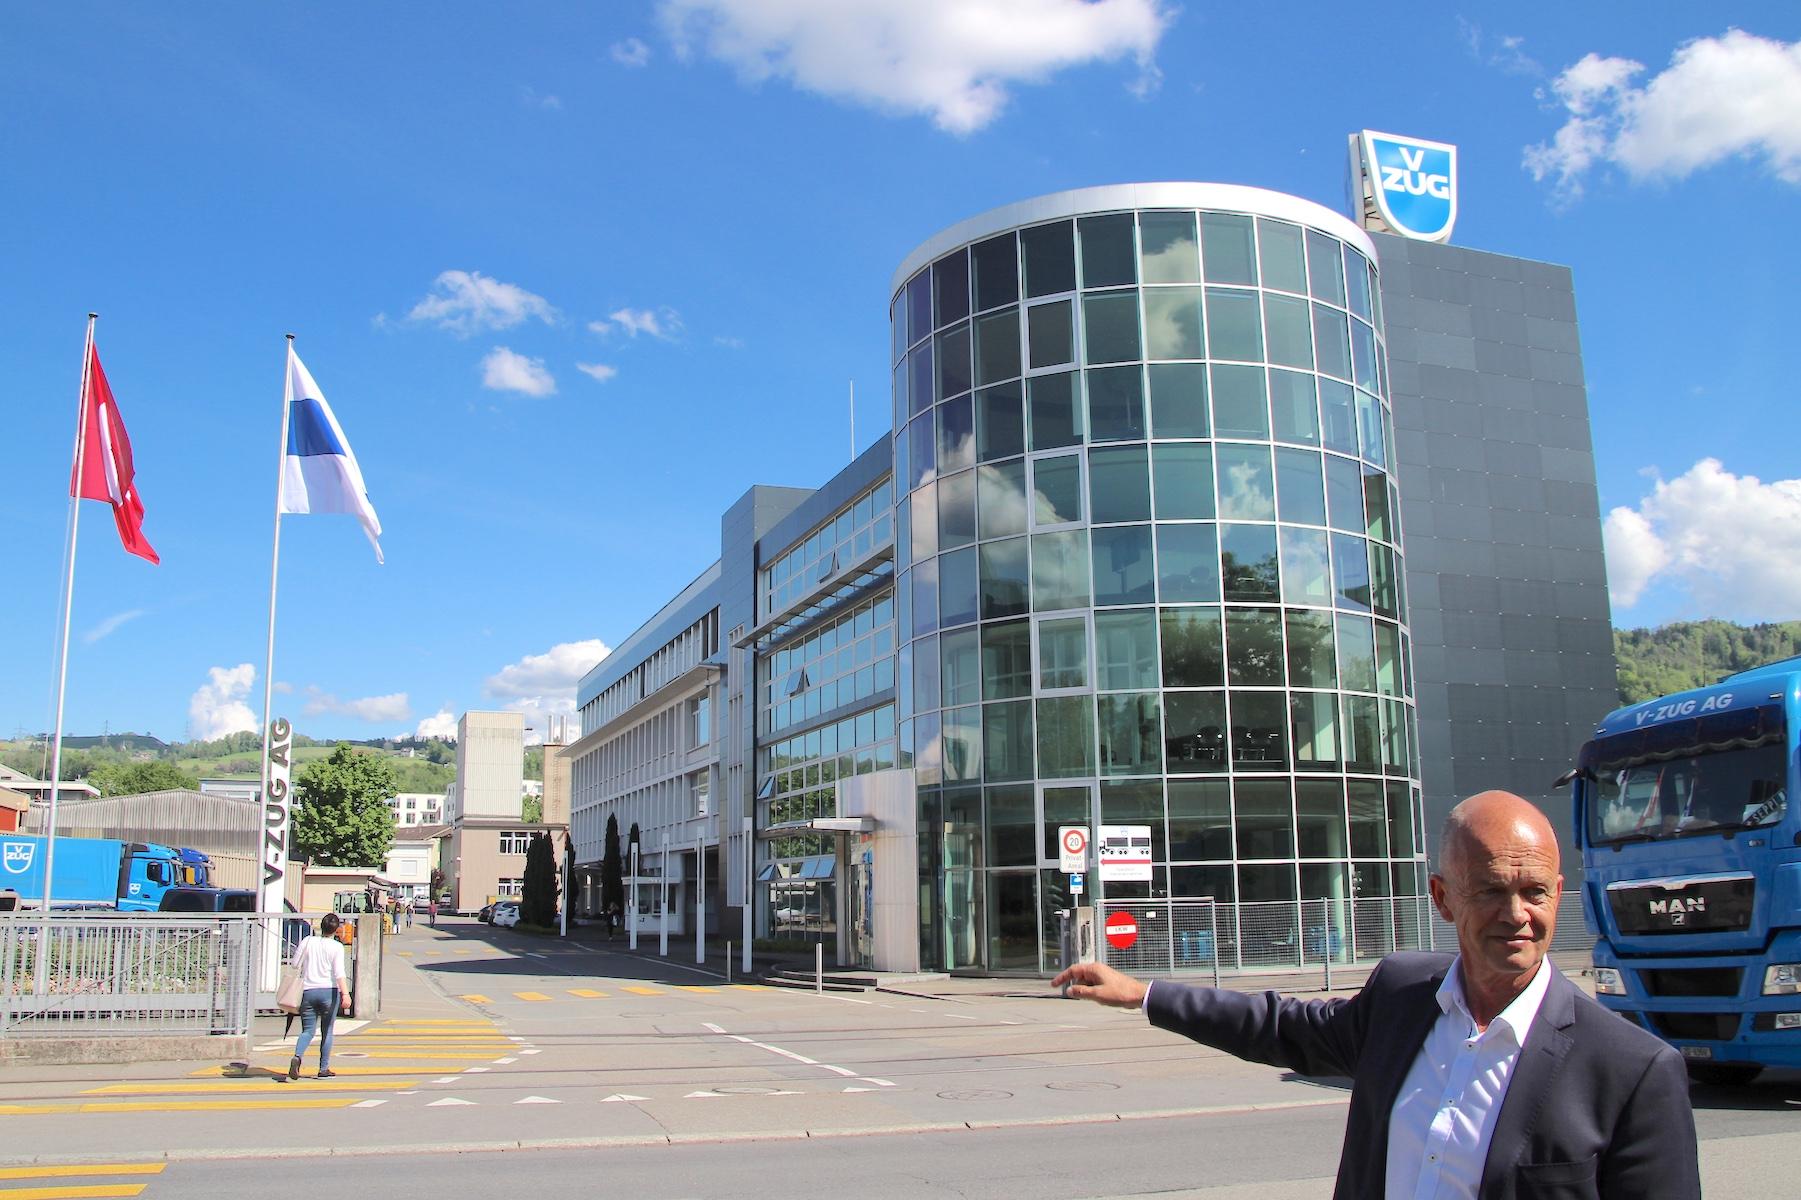 V-Zug-Chef Dirk Hoffmann vor dem Eingang zum Fabrikgelände. In einigen Jahren stehen hier vollkommen andere Gebäude.